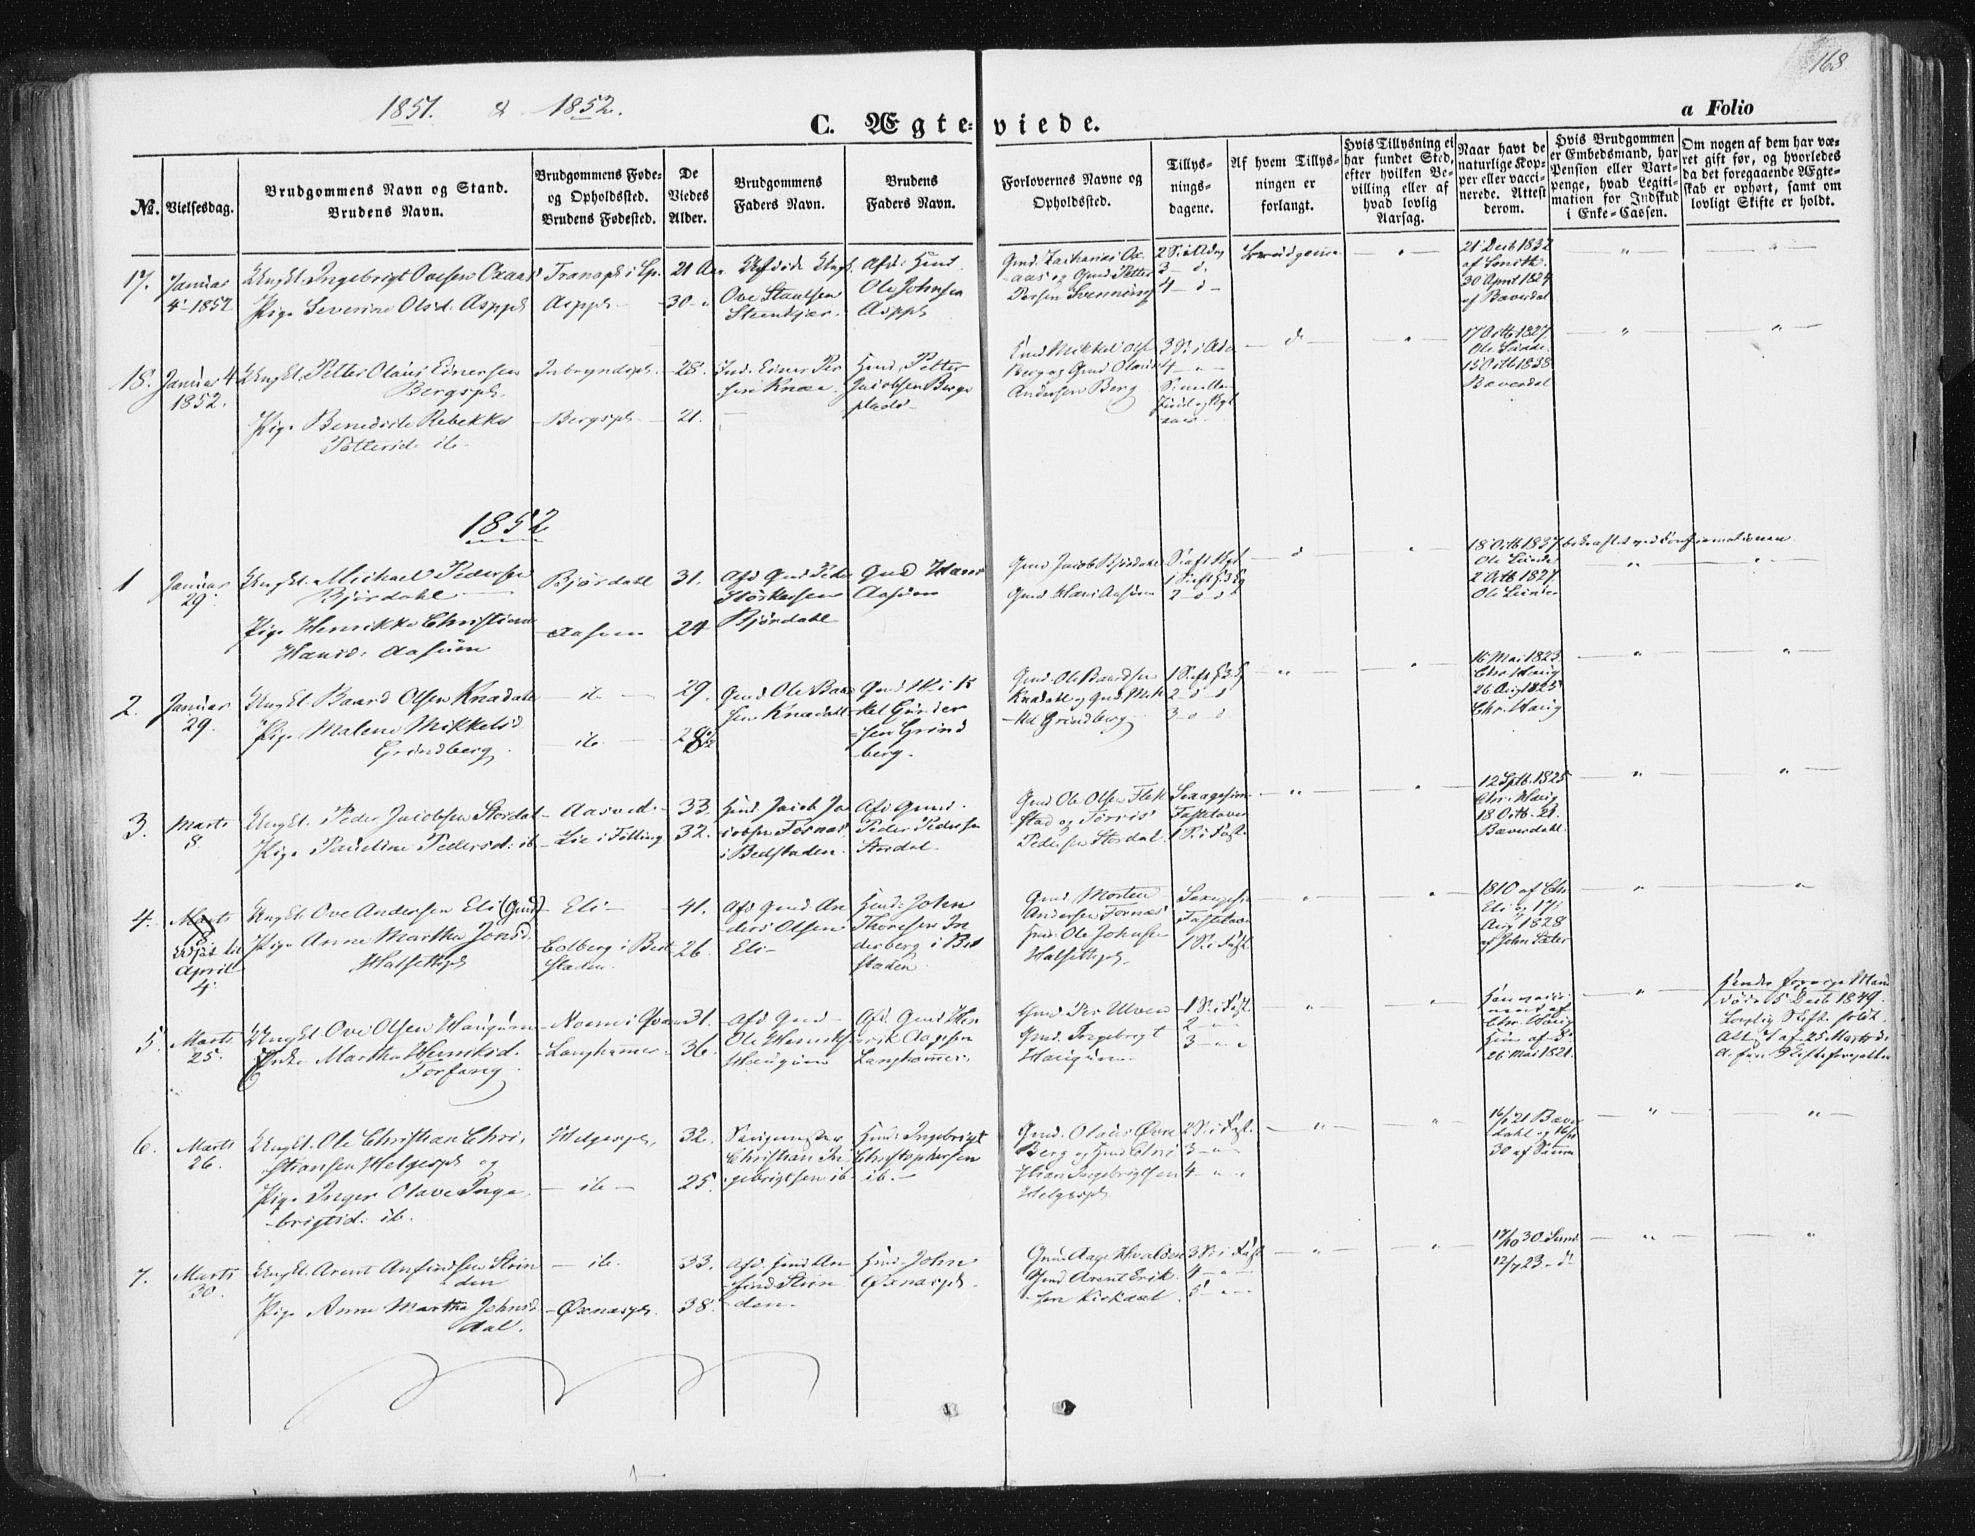 SAT, Ministerialprotokoller, klokkerbøker og fødselsregistre - Nord-Trøndelag, 746/L0446: Ministerialbok nr. 746A05, 1846-1859, s. 168